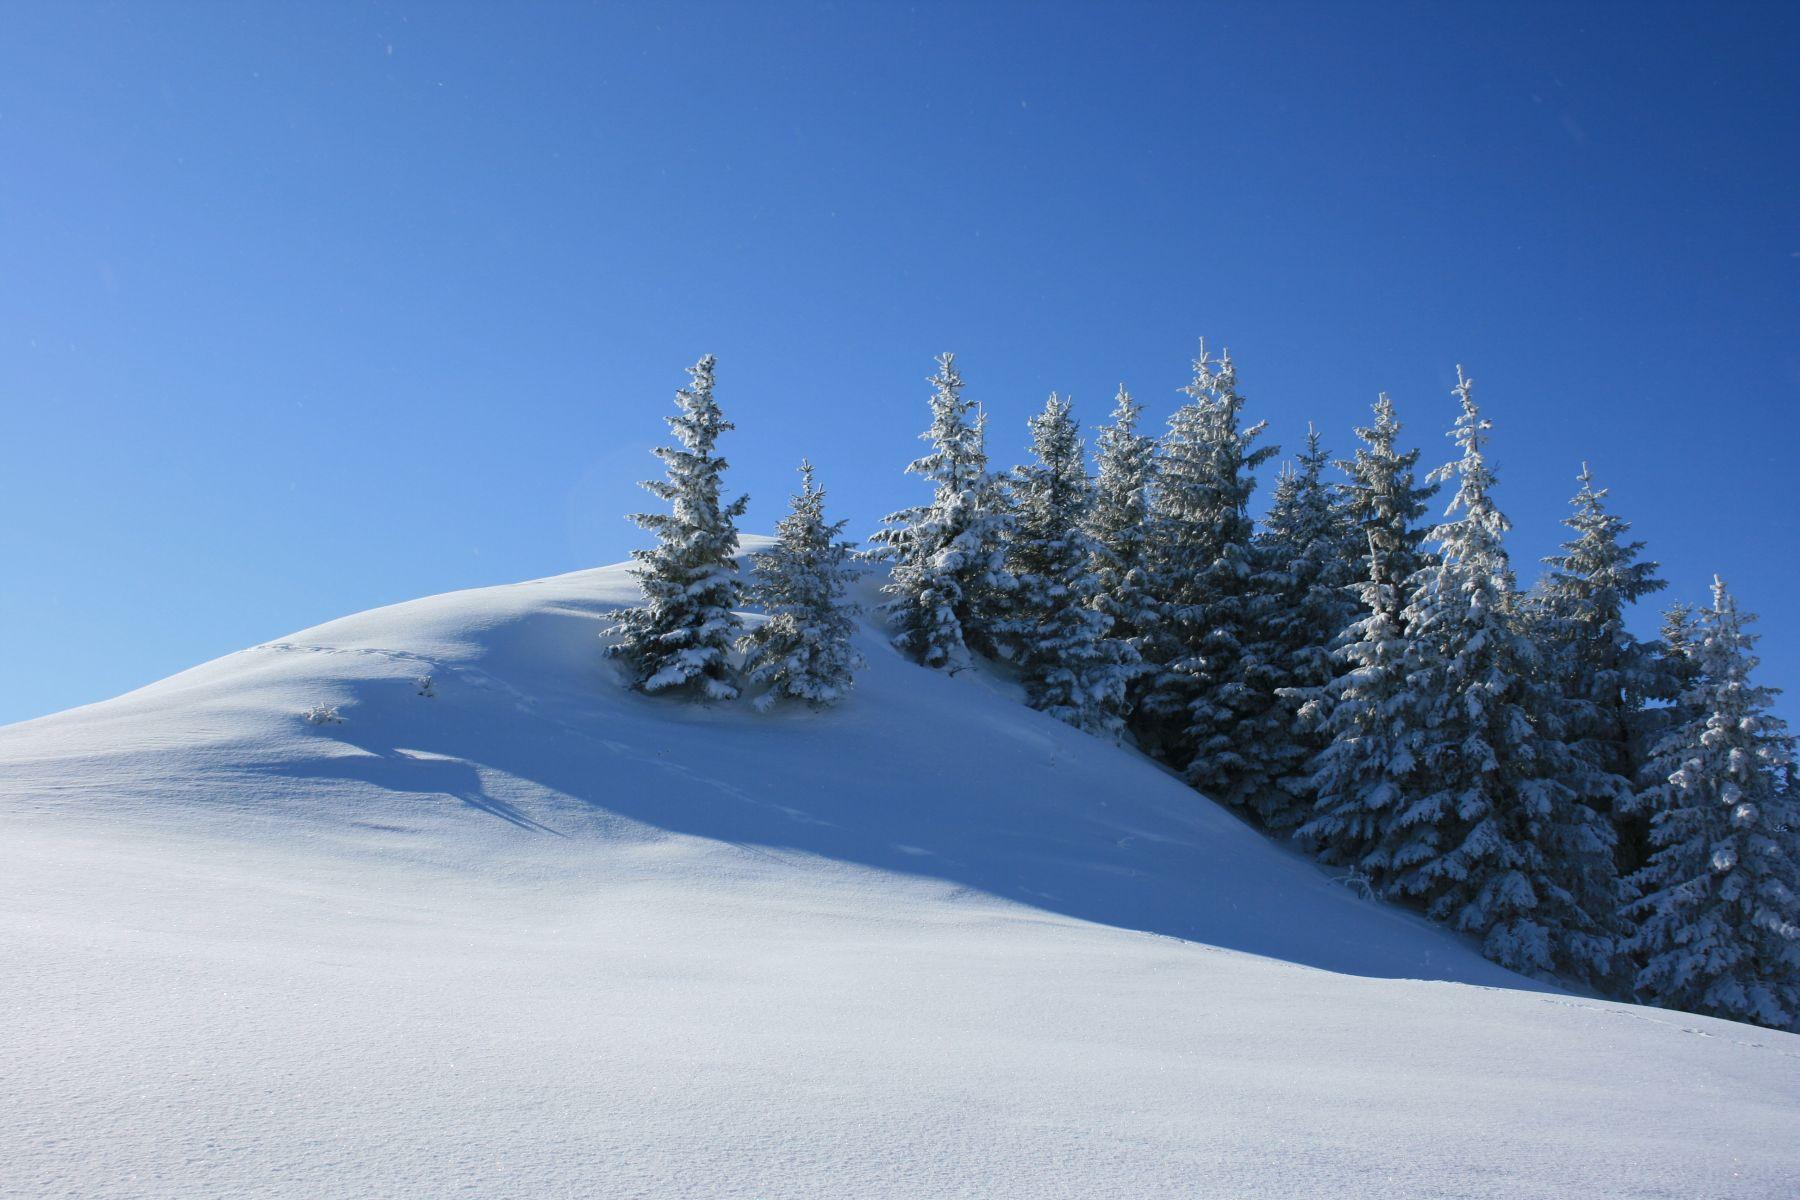 Winter Landscape - Lessons - Tes Teach